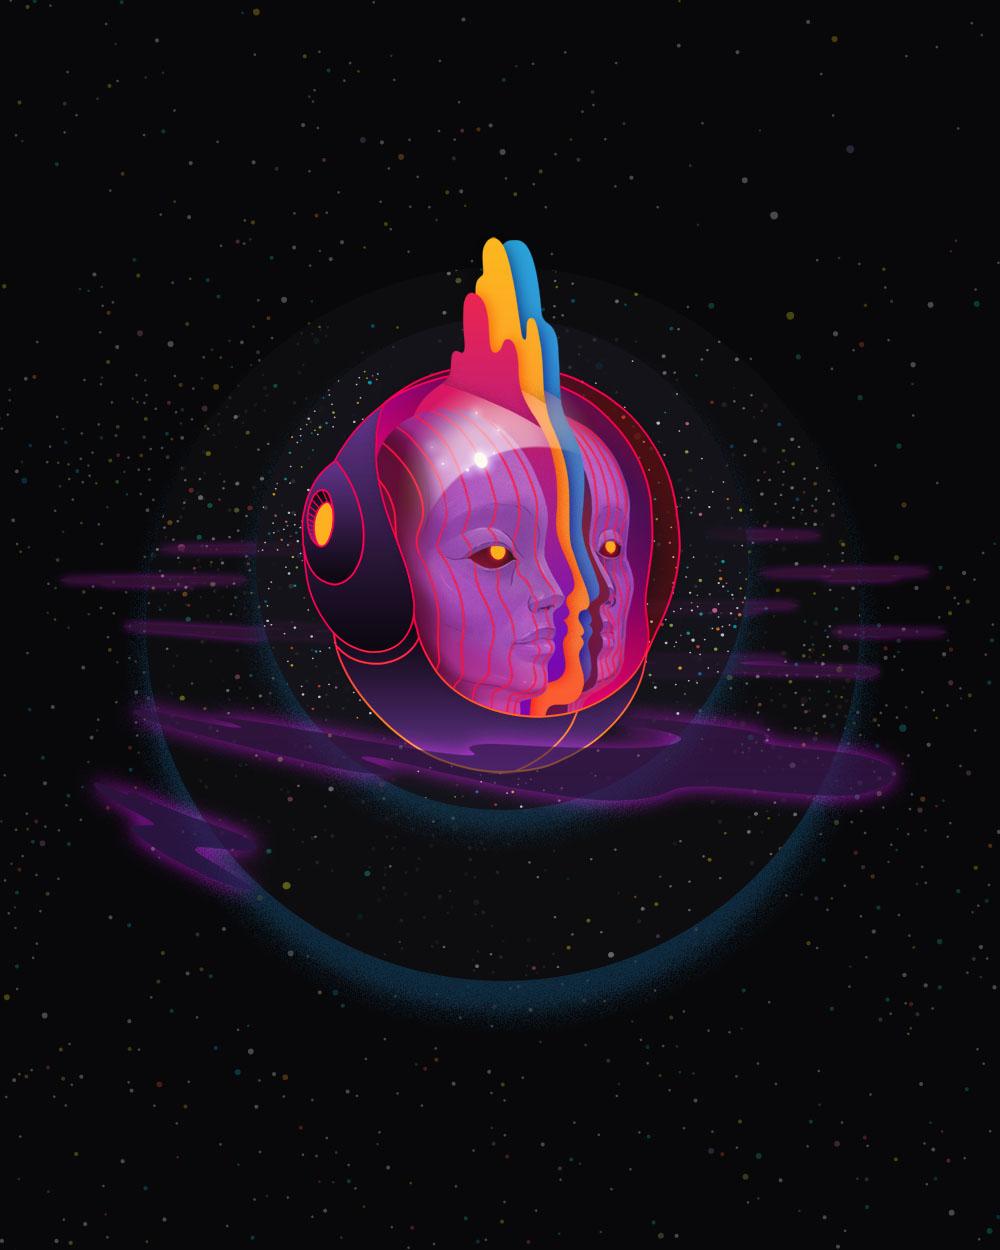 2 Celestial_Goddess_Sci Fi_Alien_Helmet_Cosmic_WEIJERRYCHEN.jpg